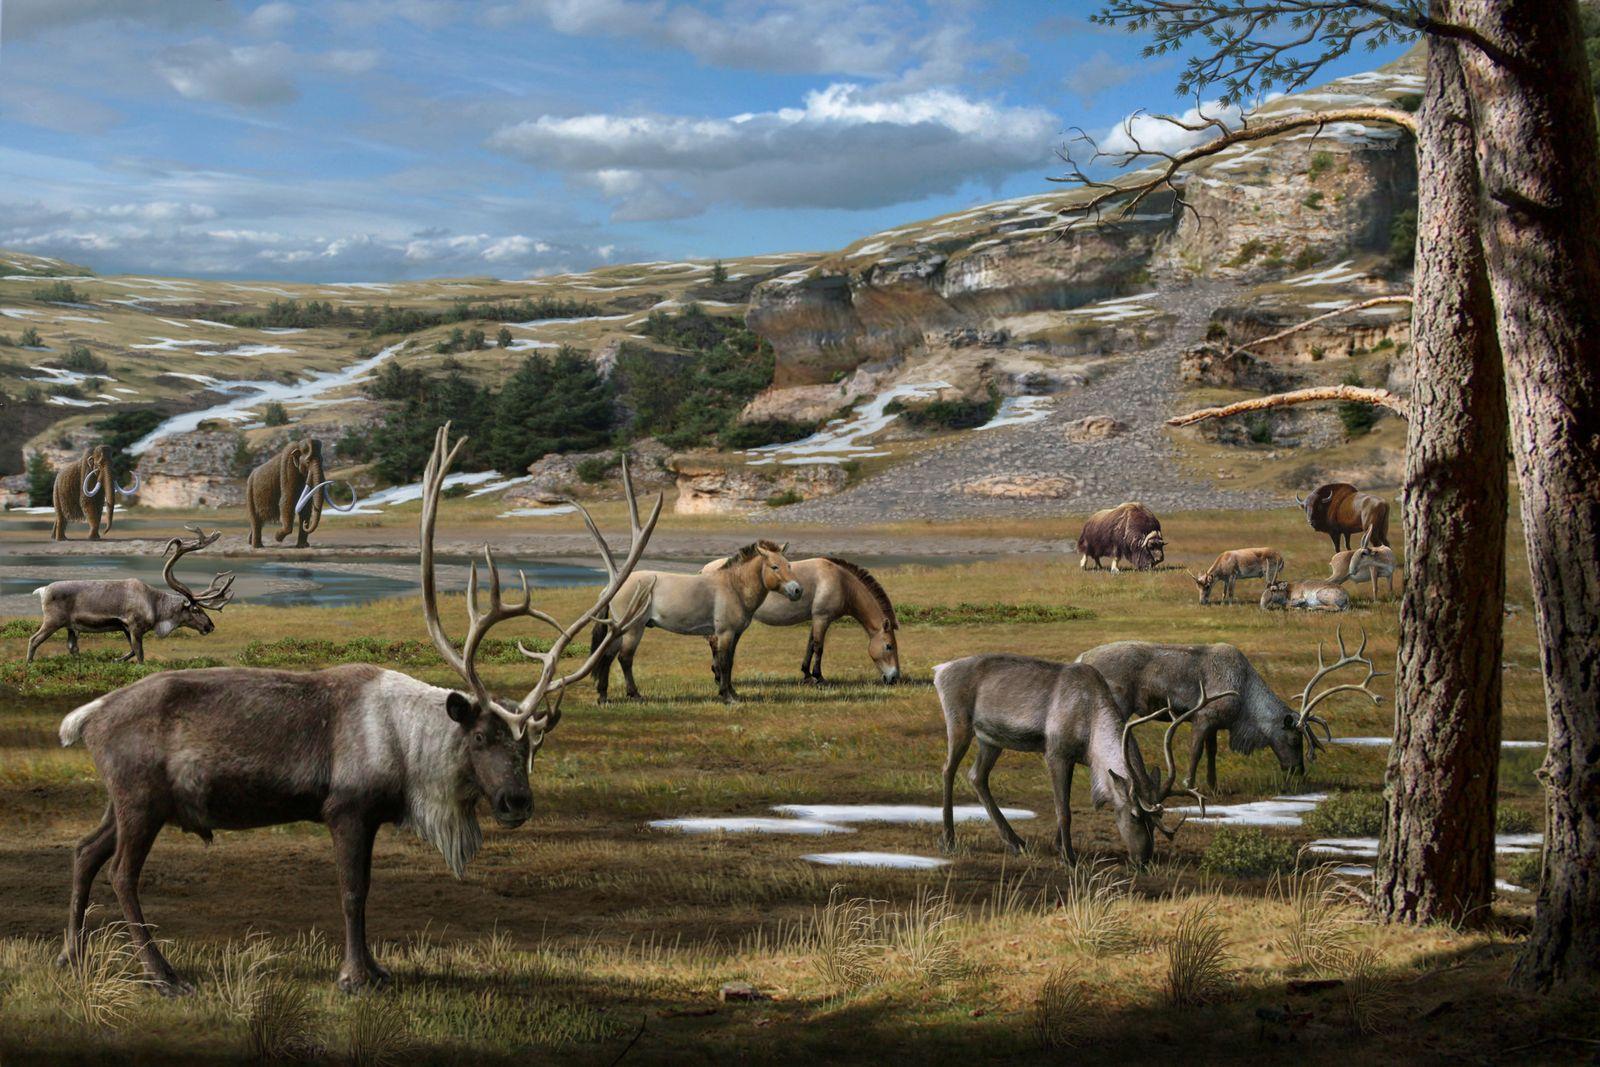 EINMALIGE VERWENDUNG SPERRFRIST 05.02.14, 19 Uhr/ Pleistozän-Landschaft/ Mammut